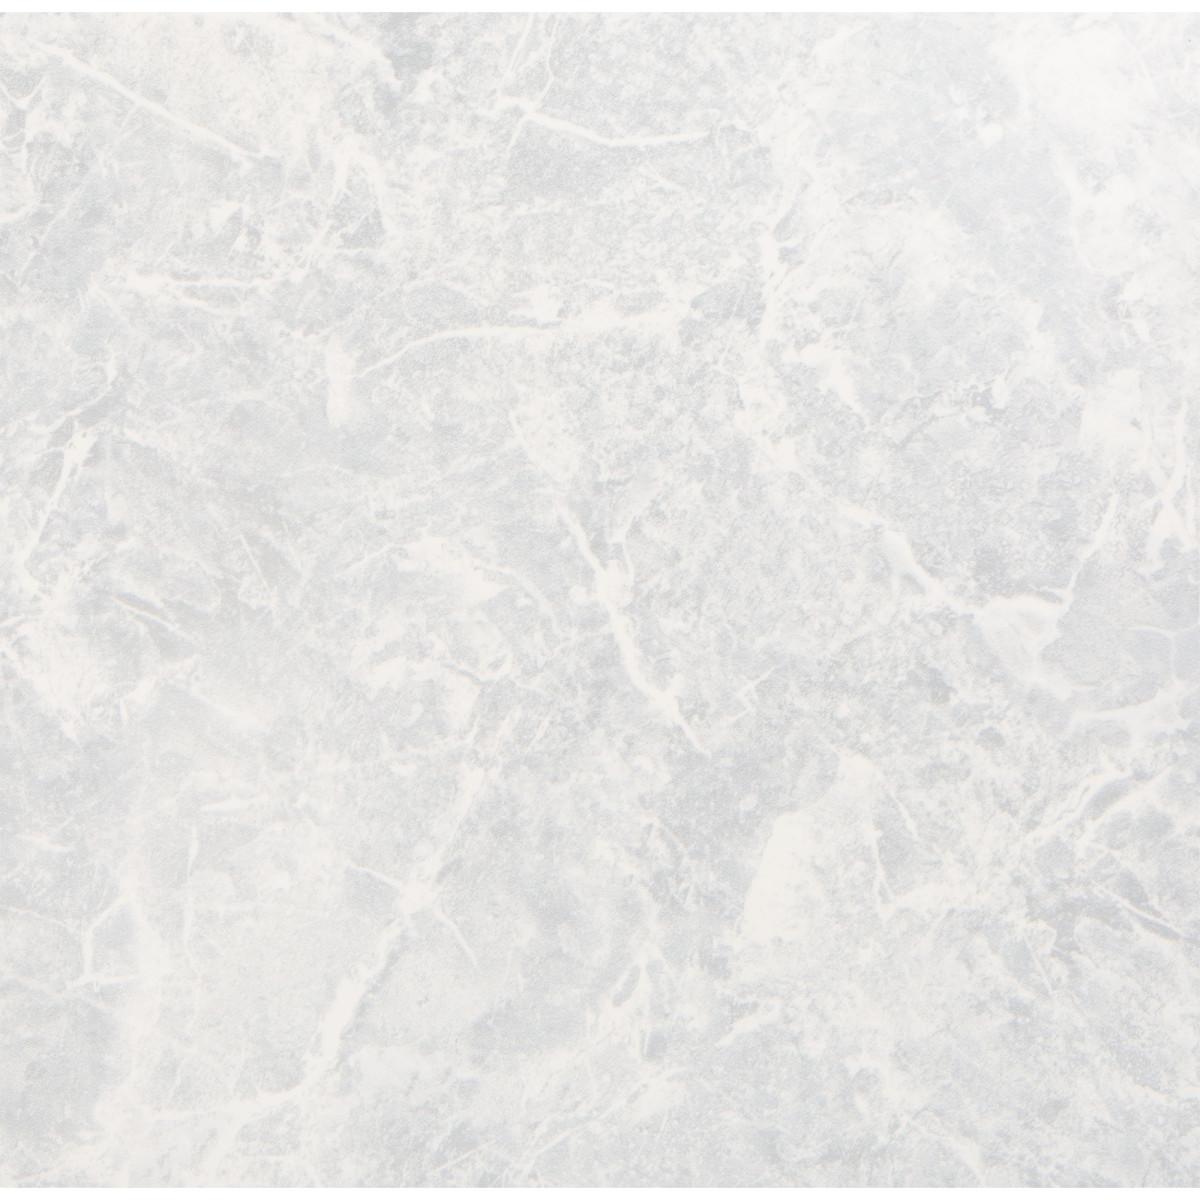 Плитка напольная Мрамор 34.5x34.5 см 1.9 м² цвет серый